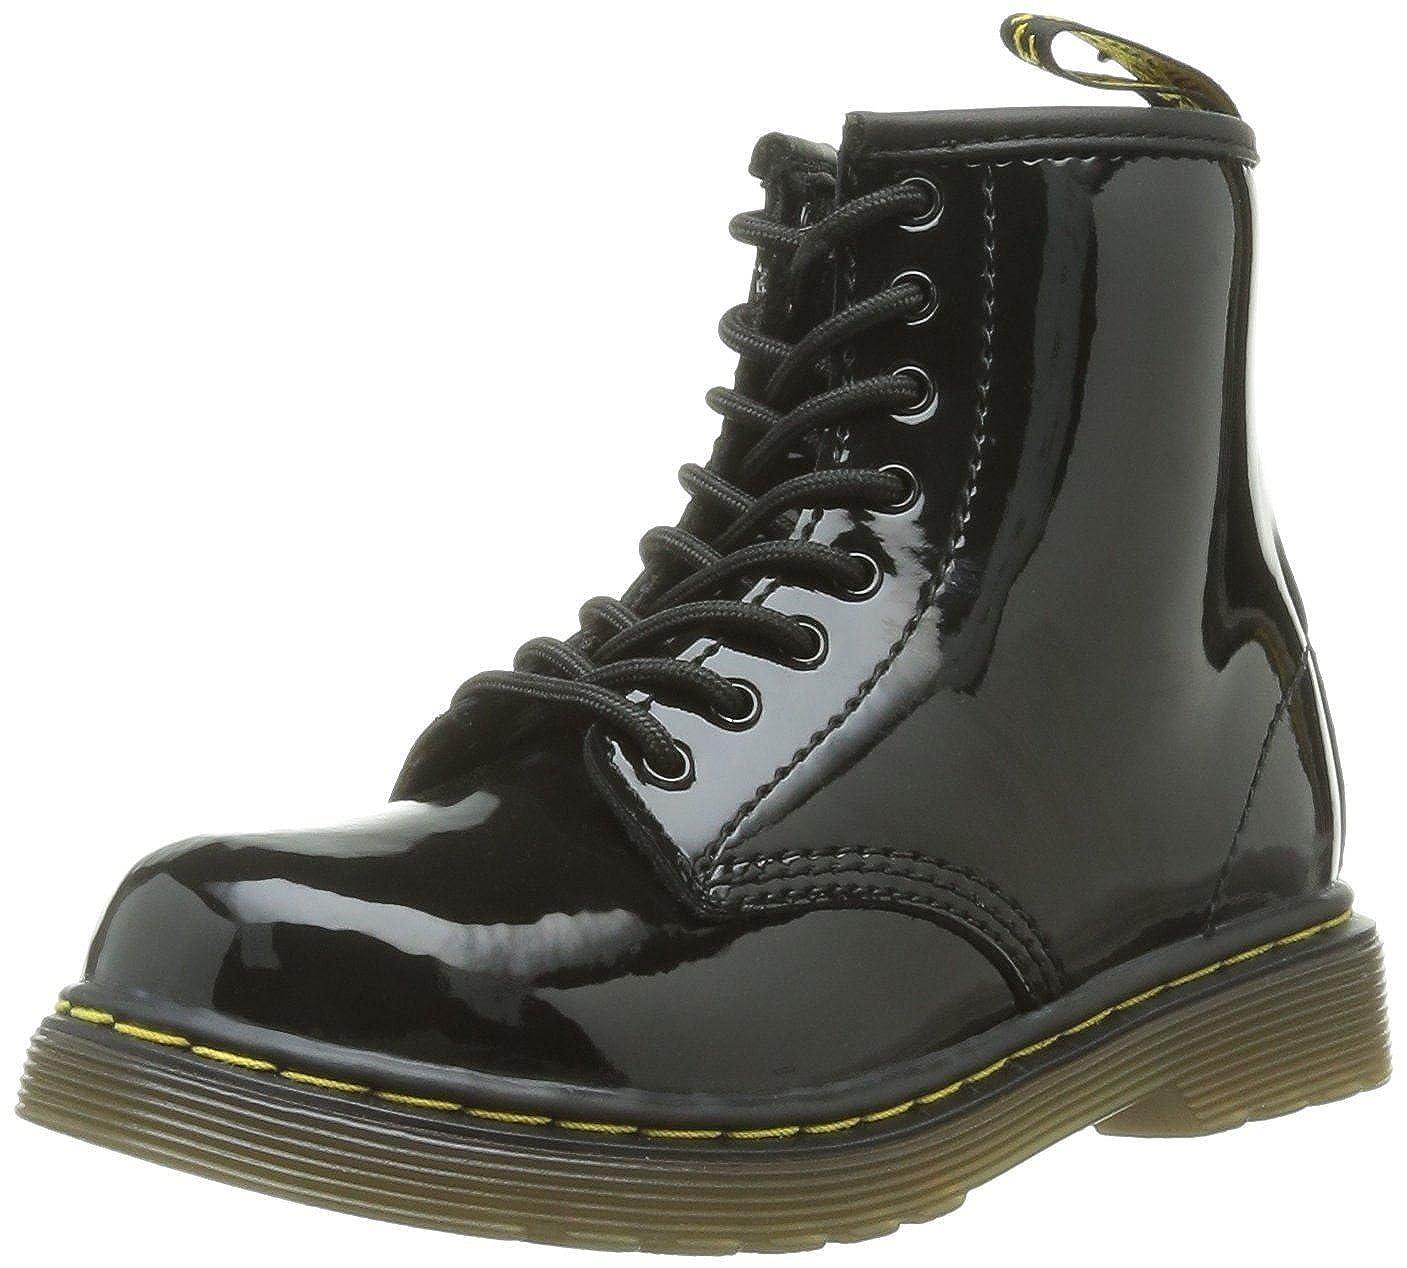 Dr. Martens Brooklee Schwarz Patent Leder Toddler Schuhe Stiefel